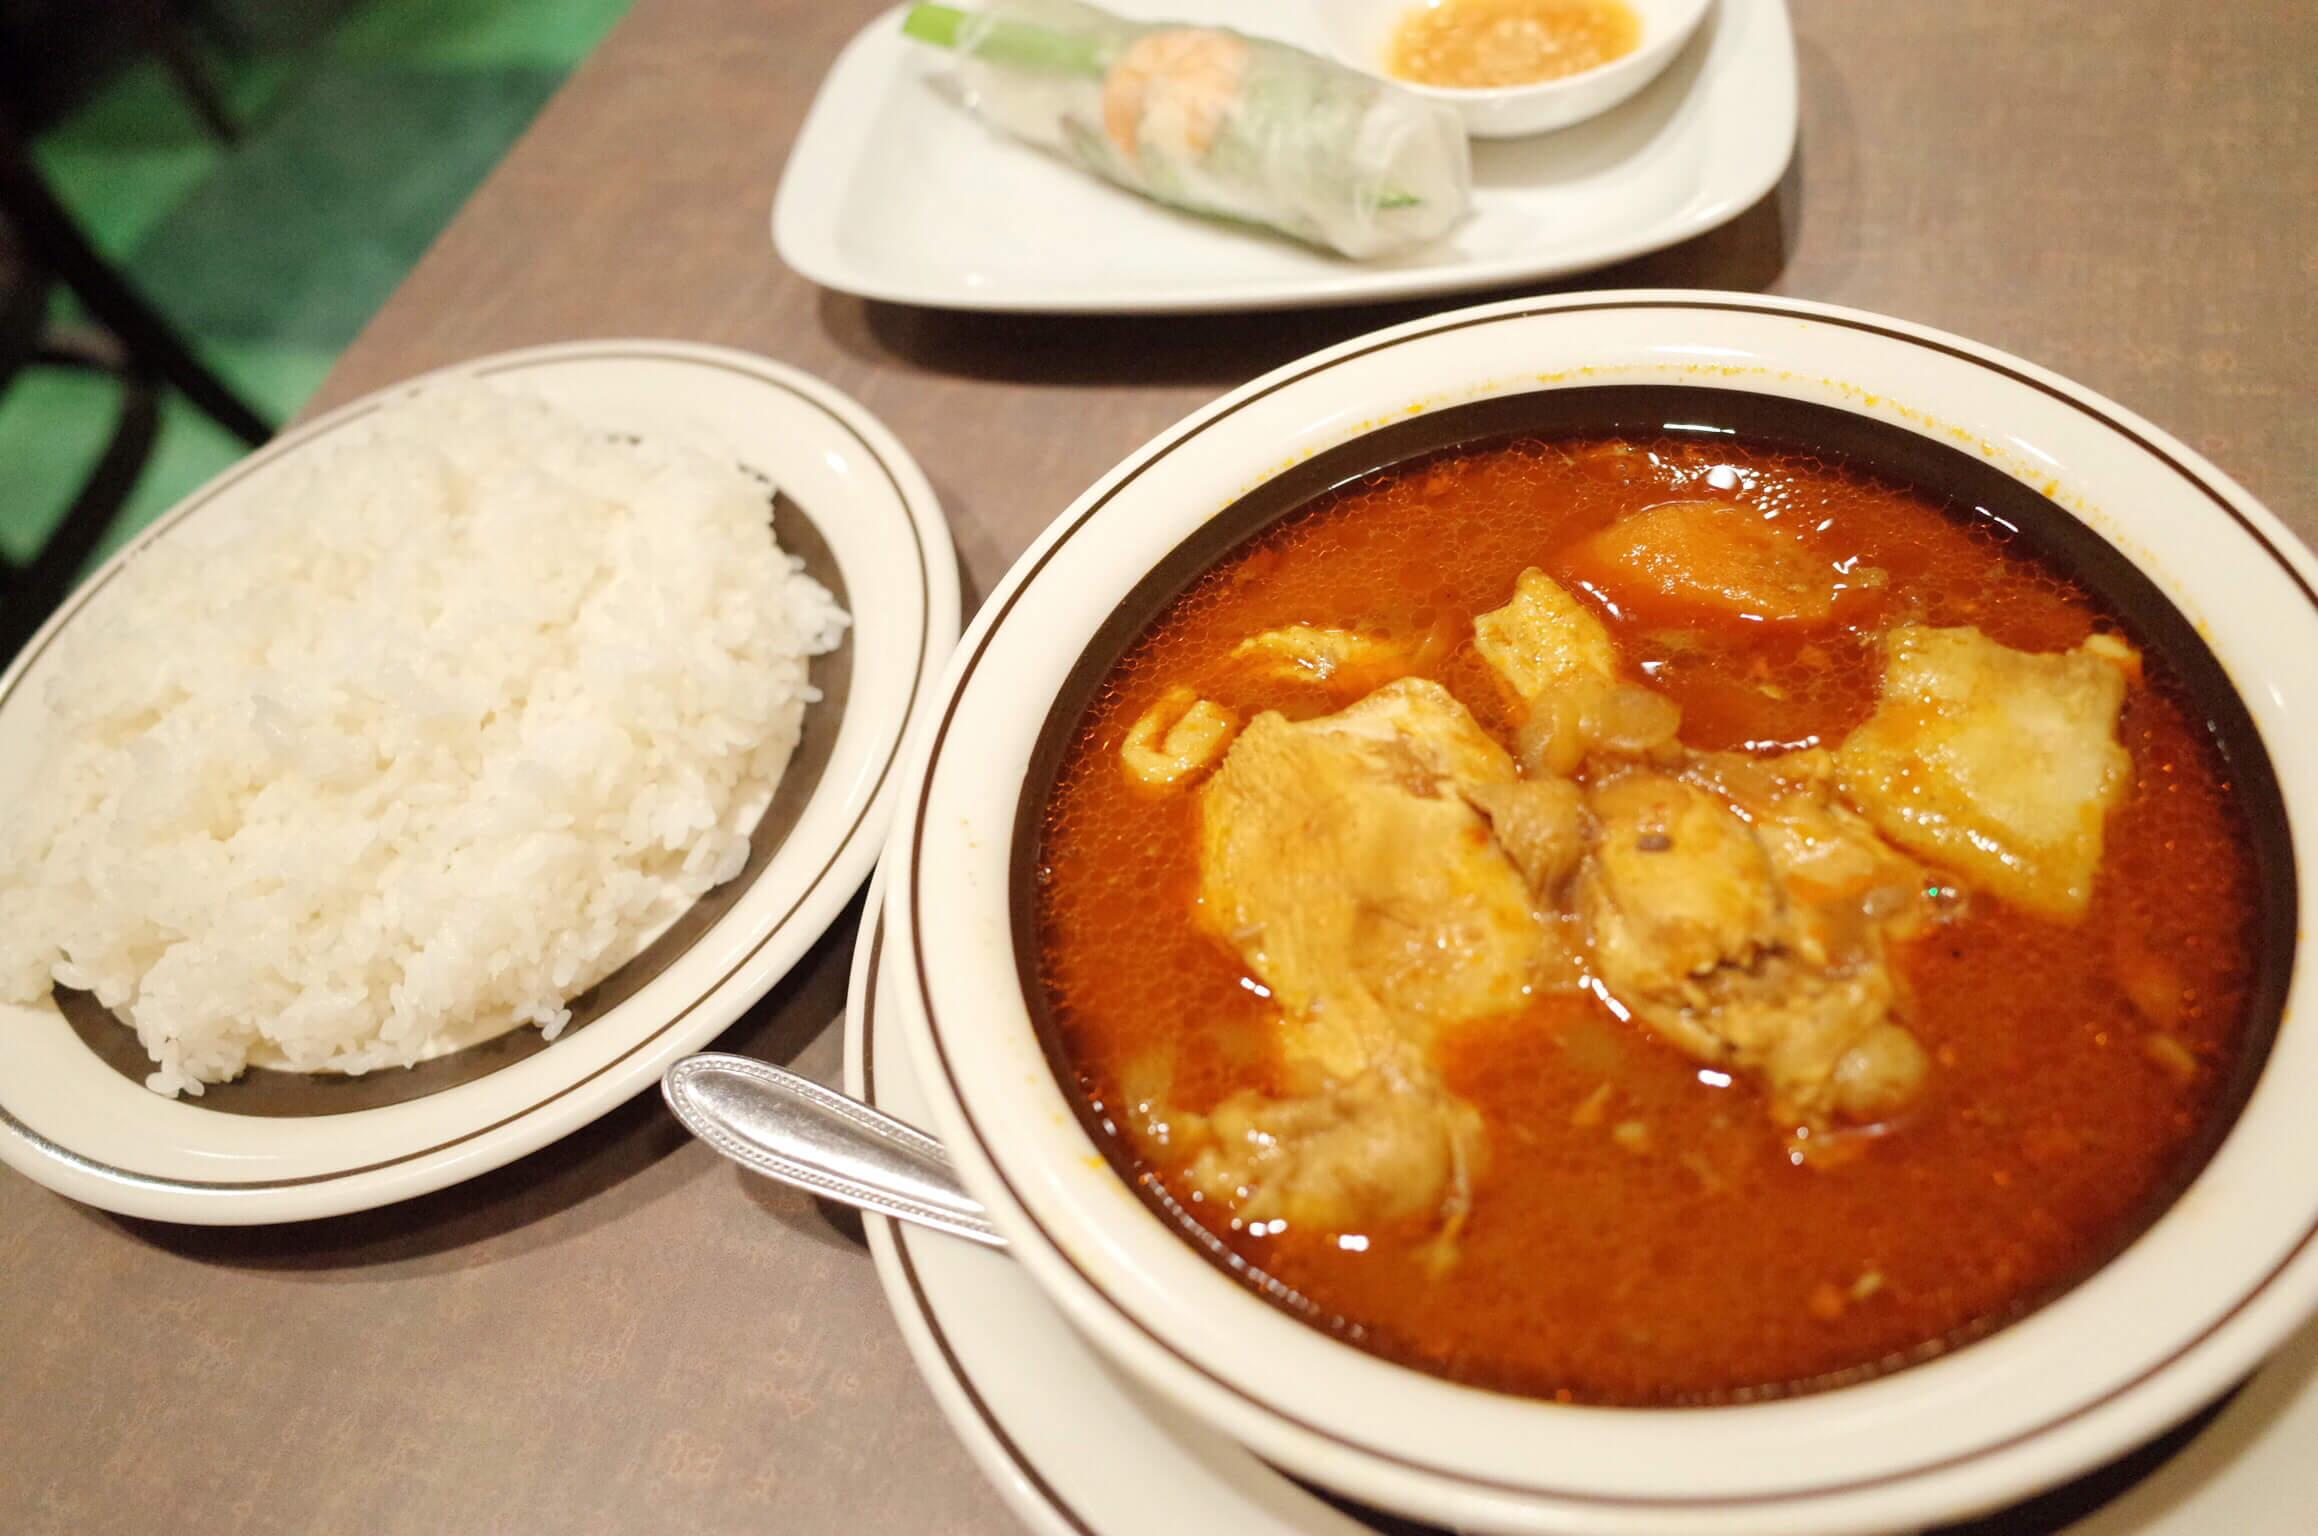 【ティンフック 四谷三丁目】家庭の味が売りのベトナム料理レストランは土曜のランチがお得